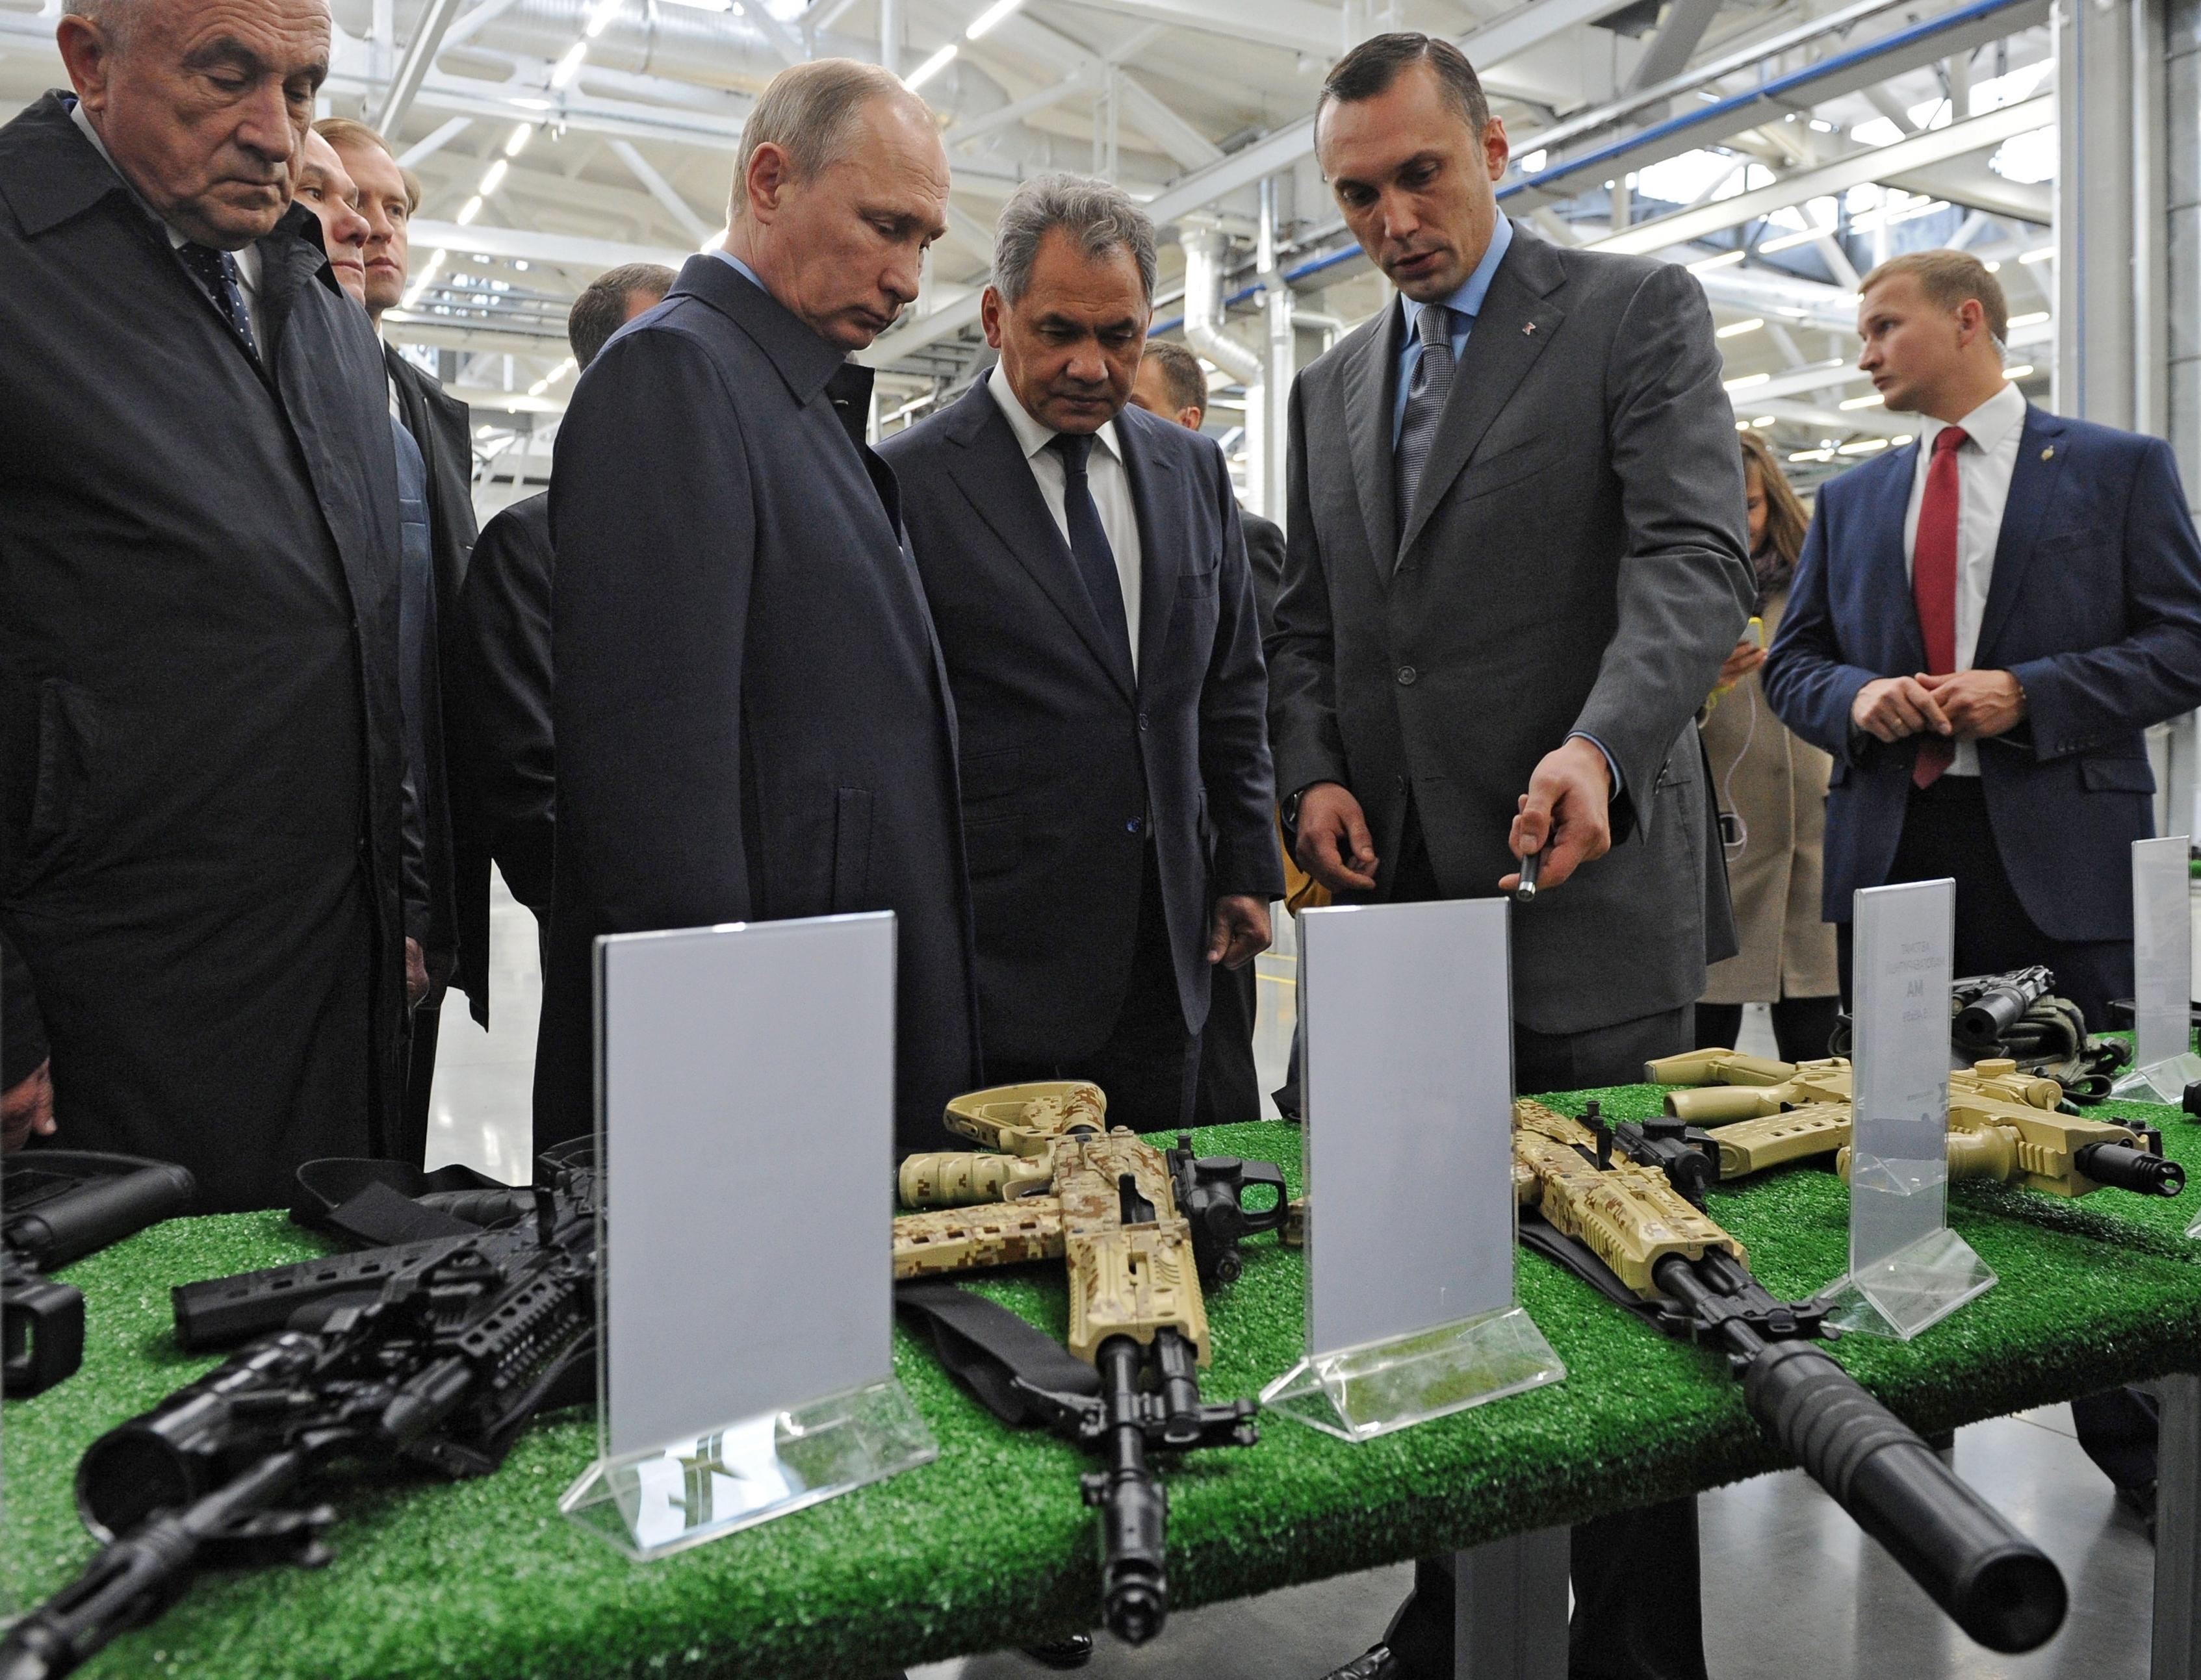 Vladimir Putin visita la planta de armas Kalashnikov. (Mikhail Klimentyev/Sputnik, Kremlin Pool Photo via AP)